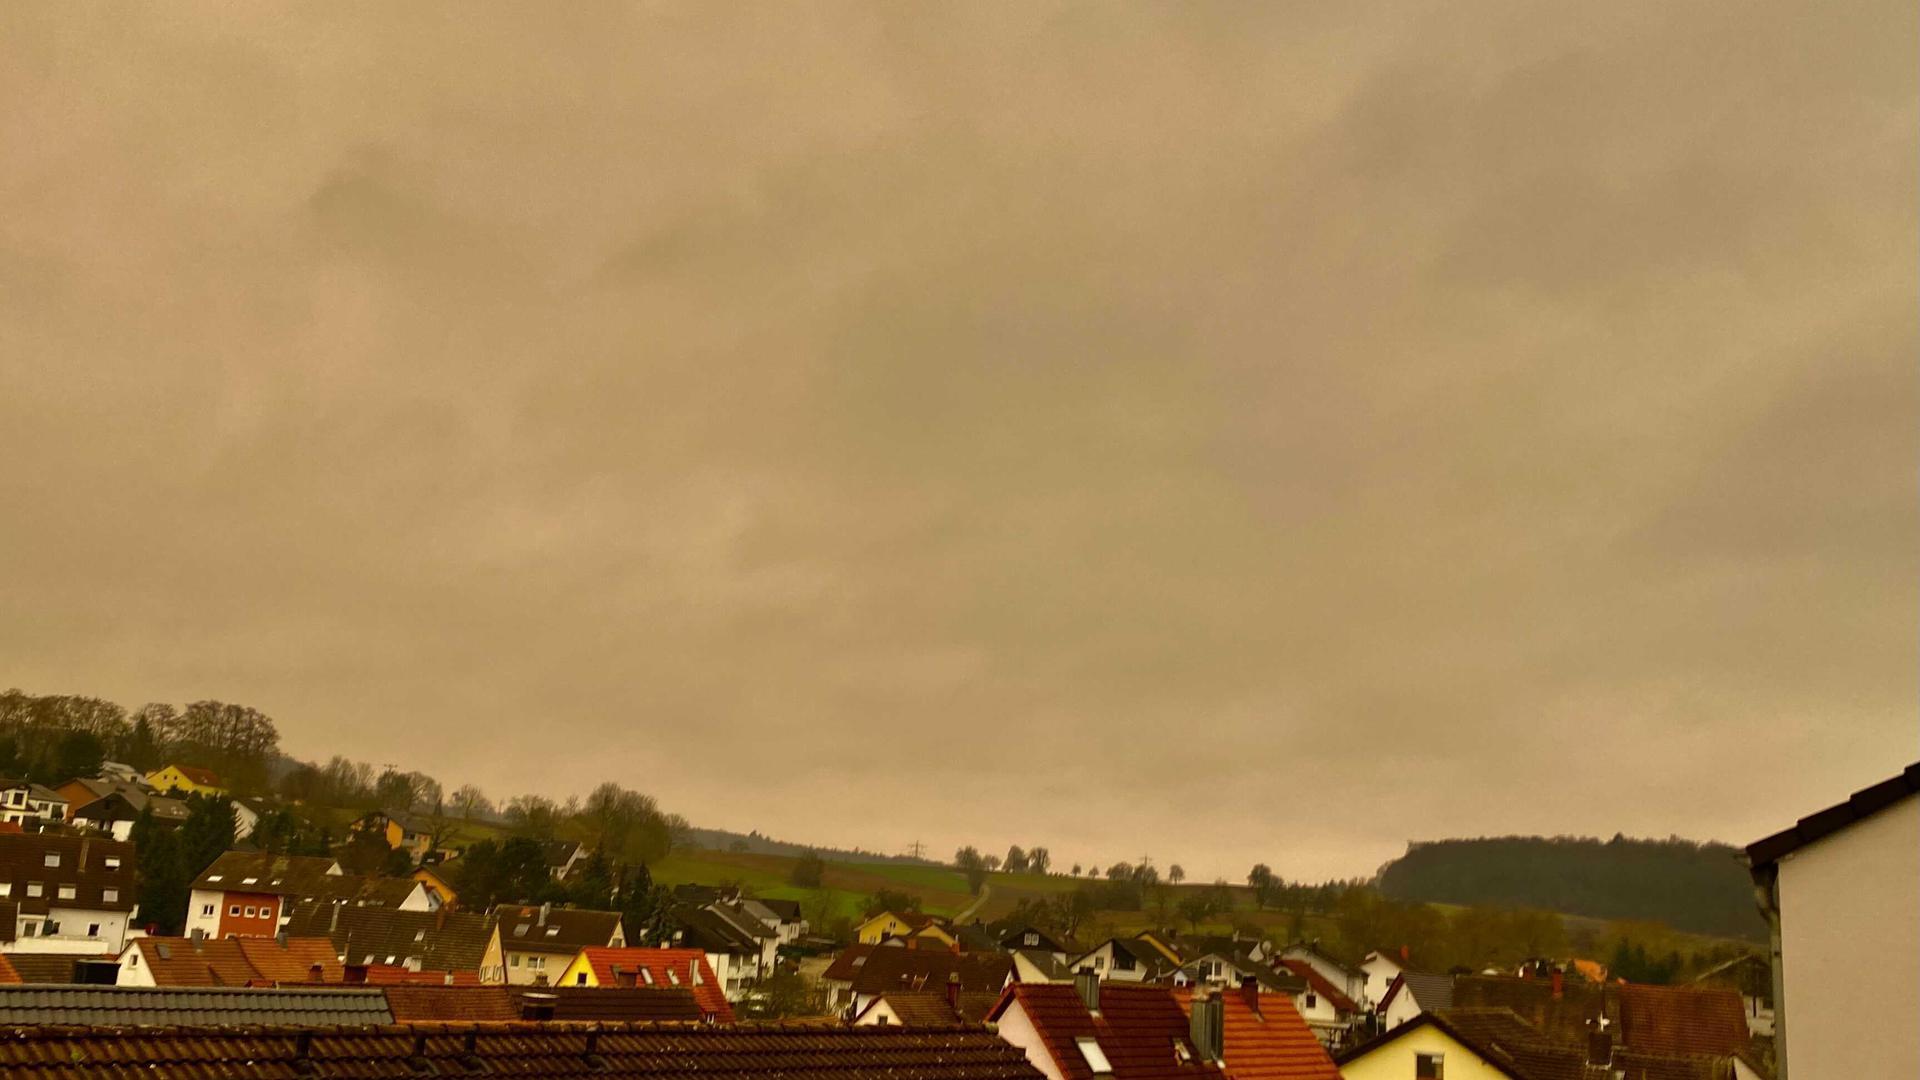 Gelb-bräunlicher Himmel